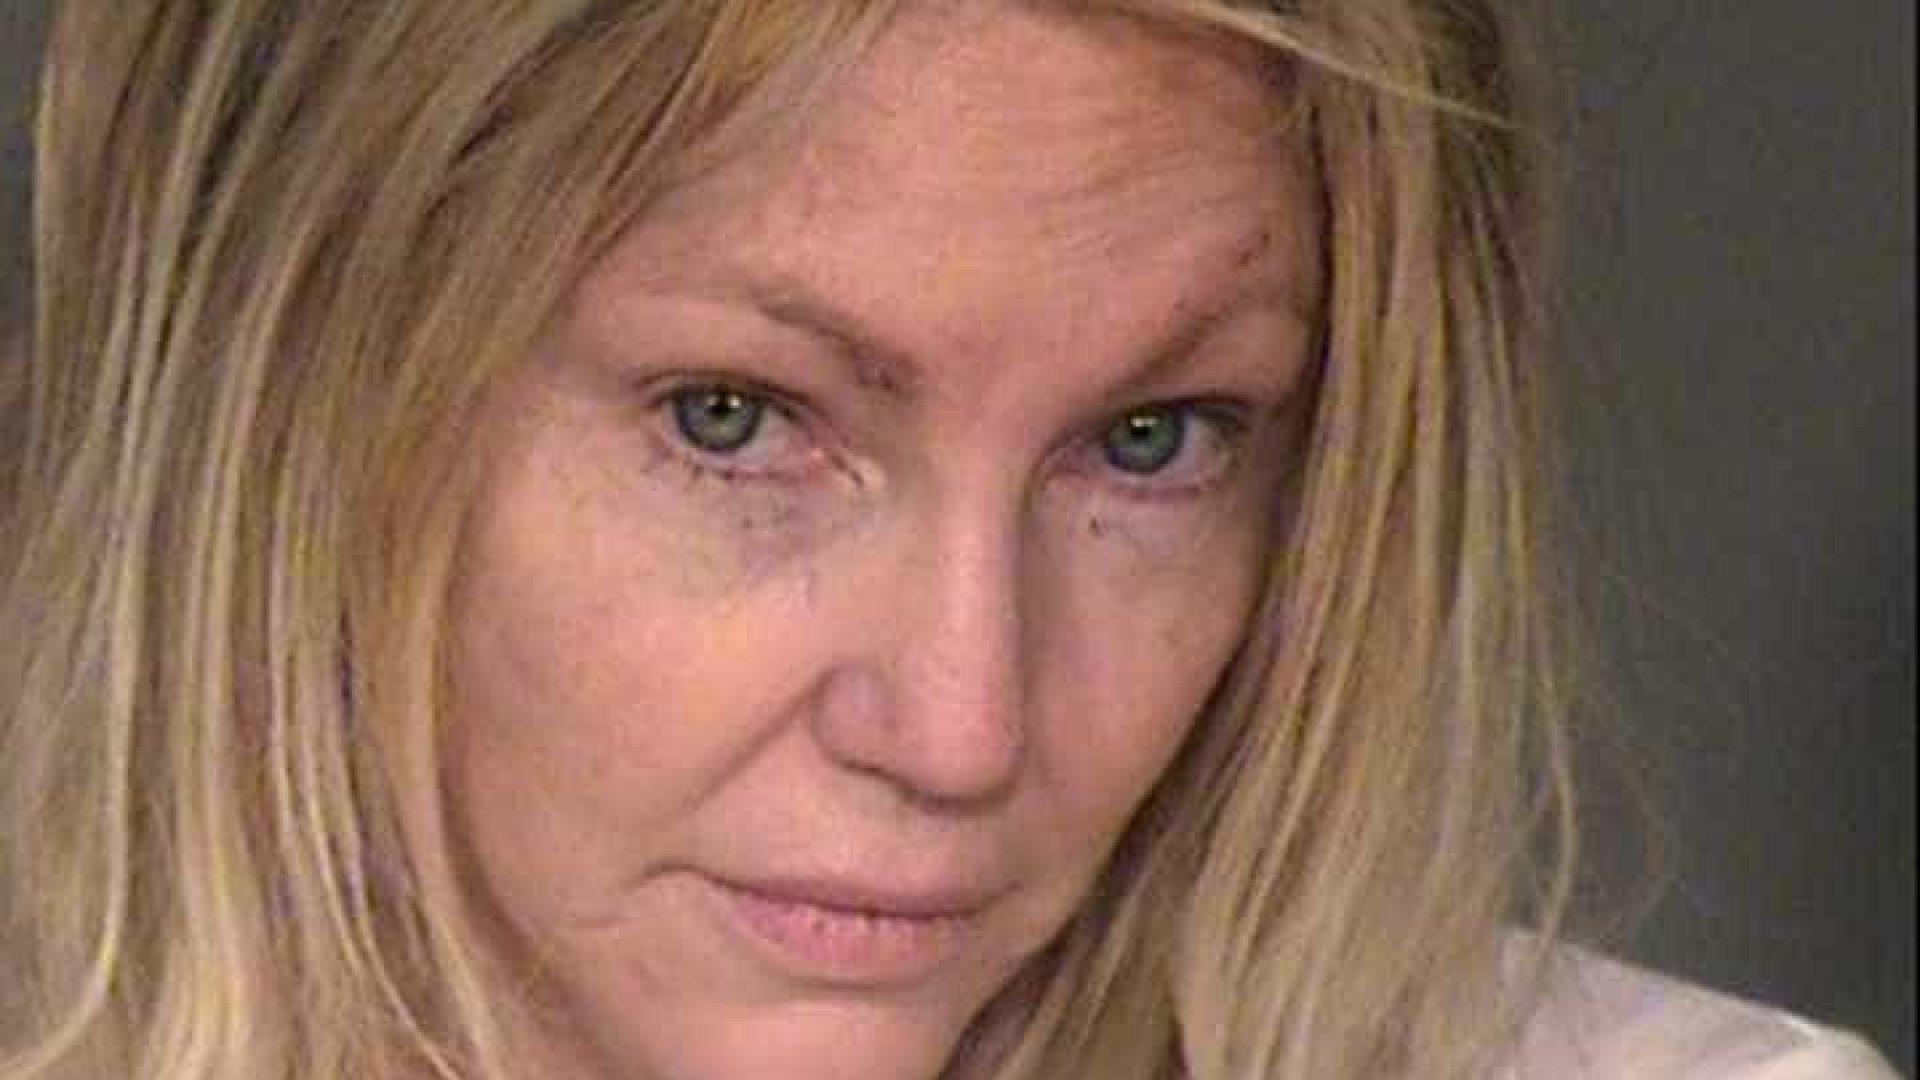 Atriz de 'Melrose Place' presa após ser acusada de violência doméstica